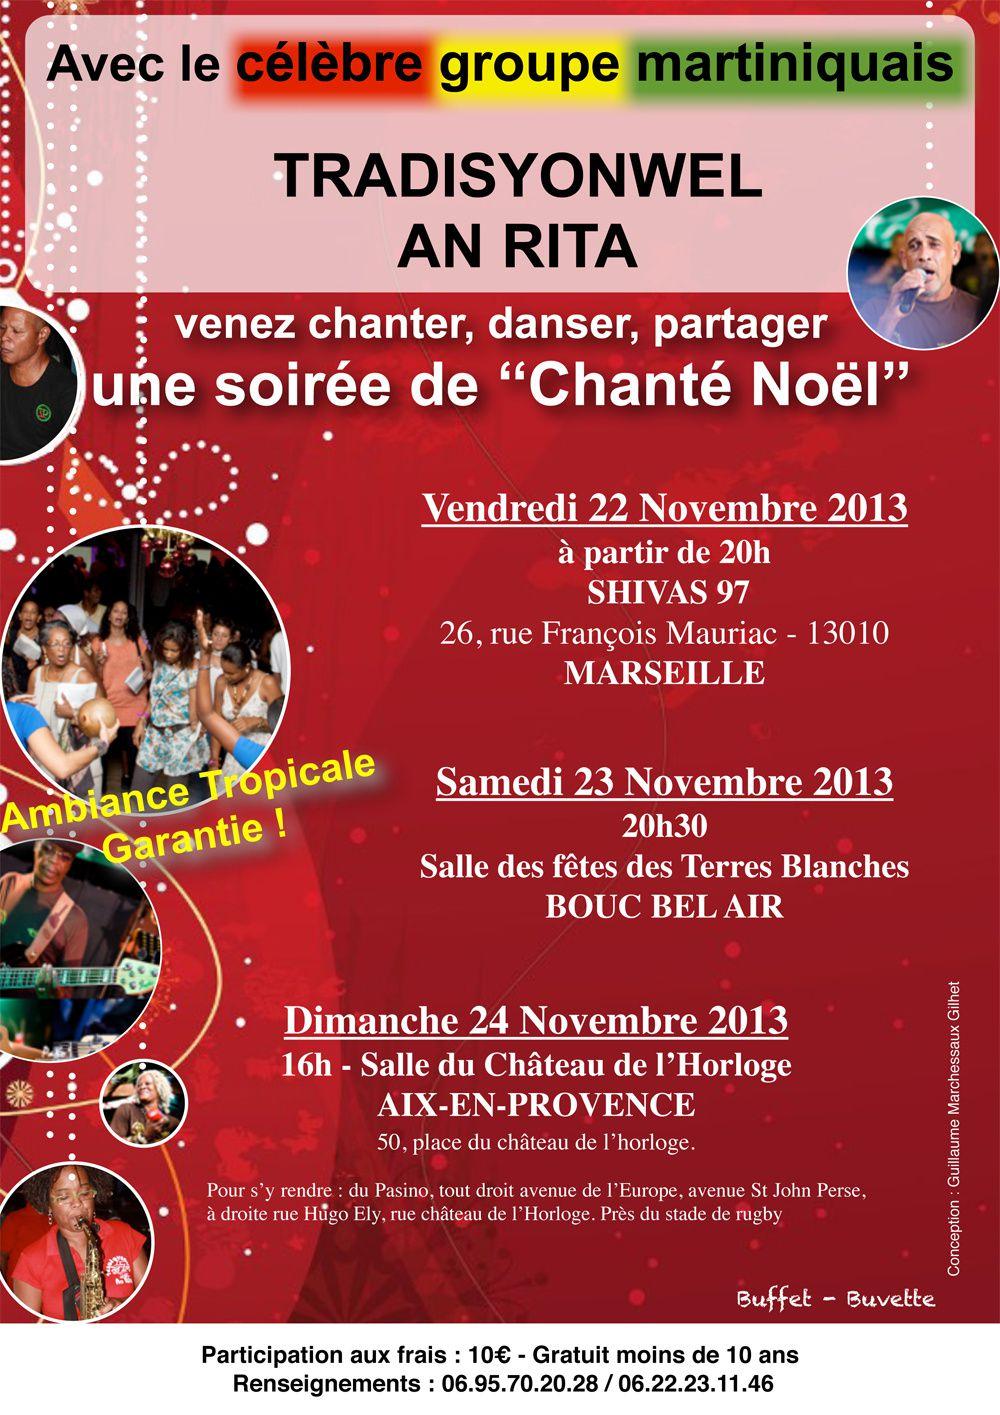 Du 20 au 27 novembre 2013 - Chanté Noël - Aix en Provence, Bouc en bel Air et Marseille